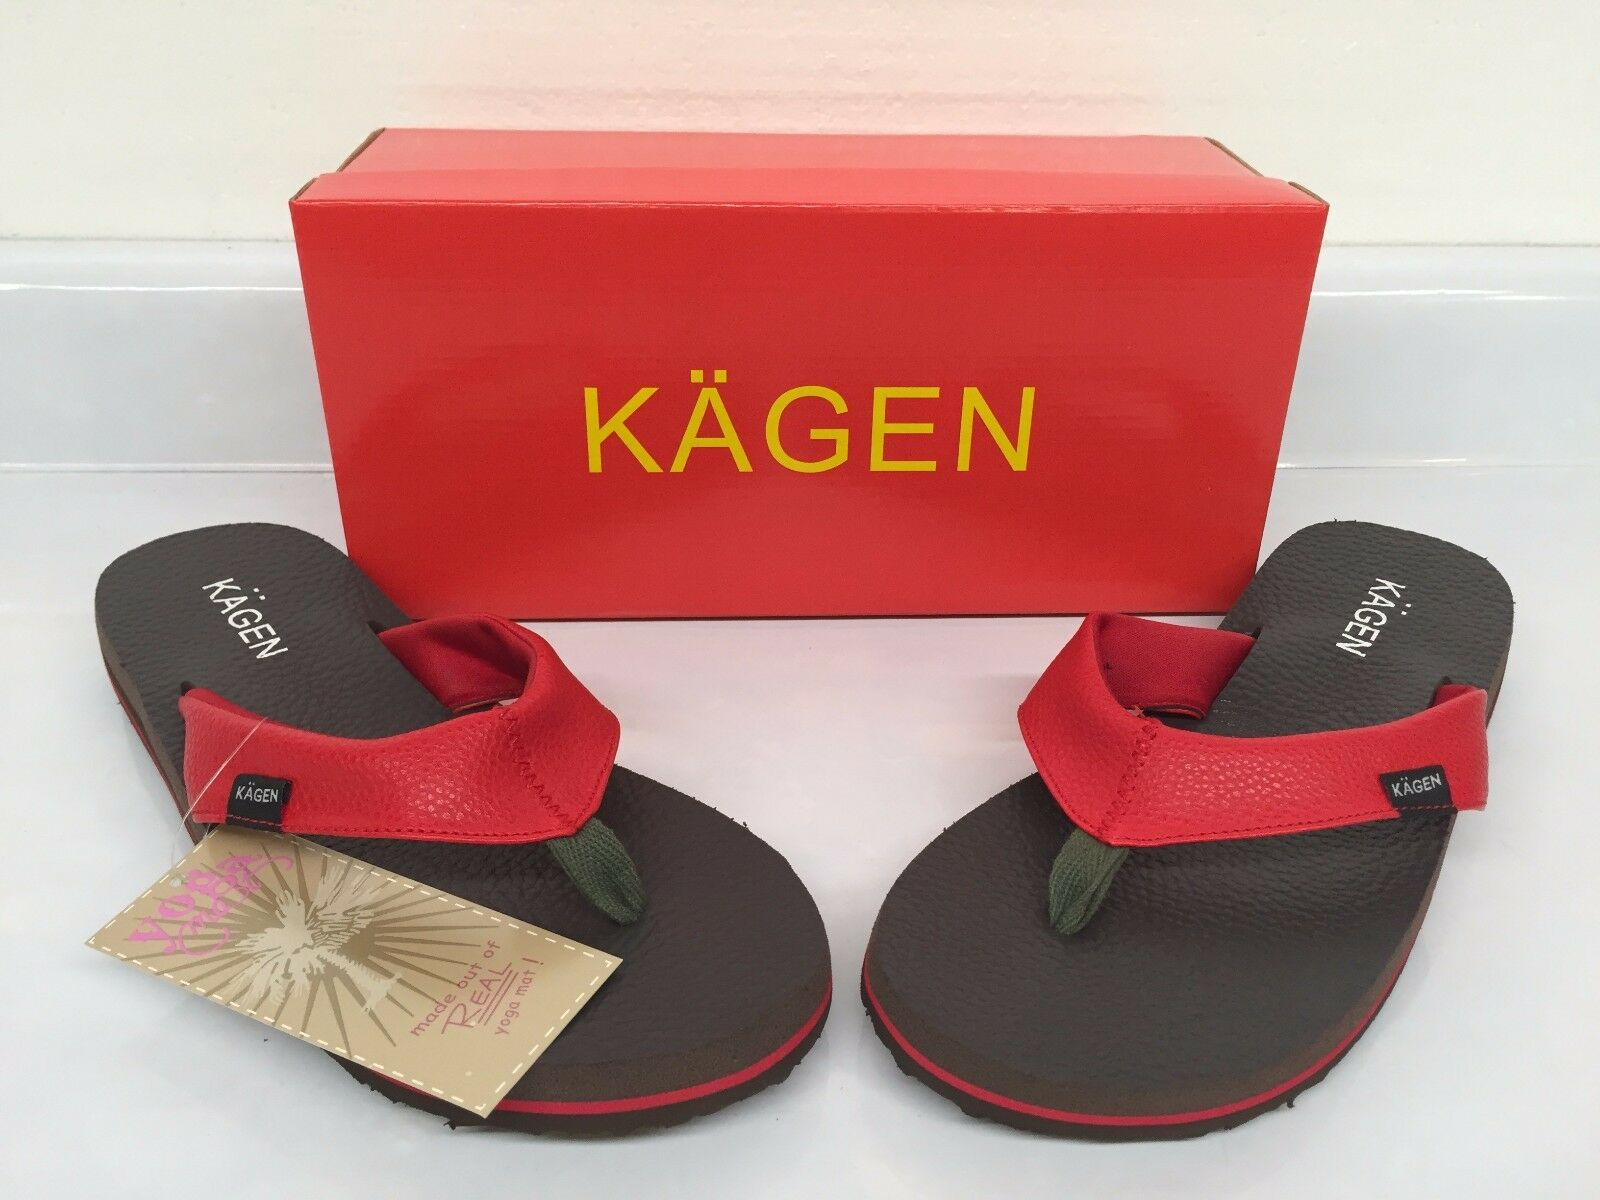 Kagen® Yoga Mat Size Thong Sandals - Red; Size Mat 11 025805